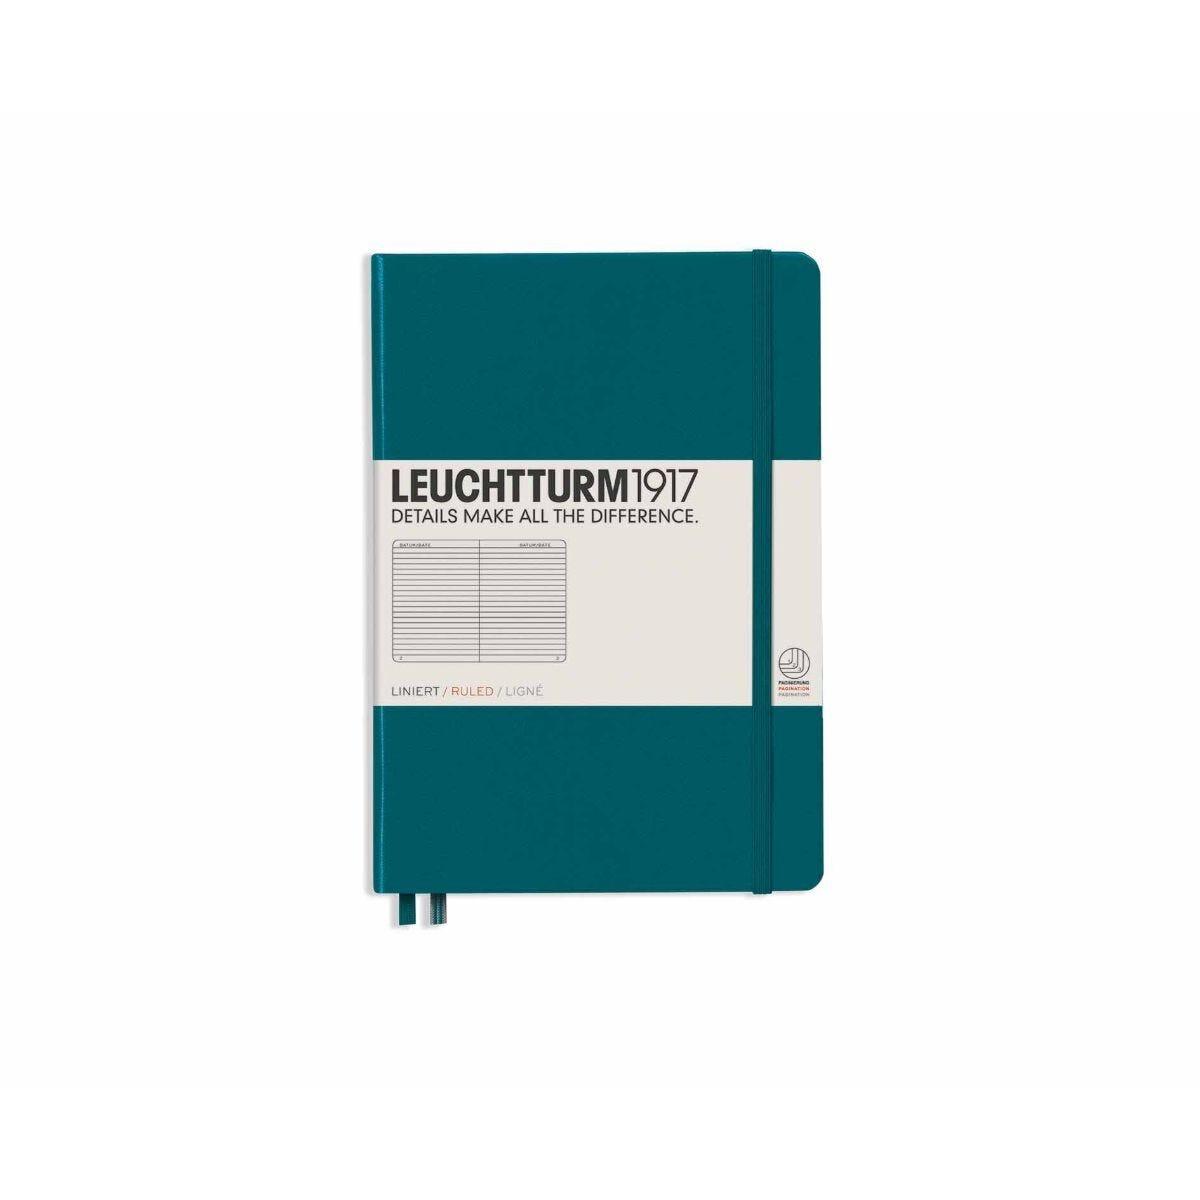 Leuchtturm1917 Hardcover Notebook Ruled A5